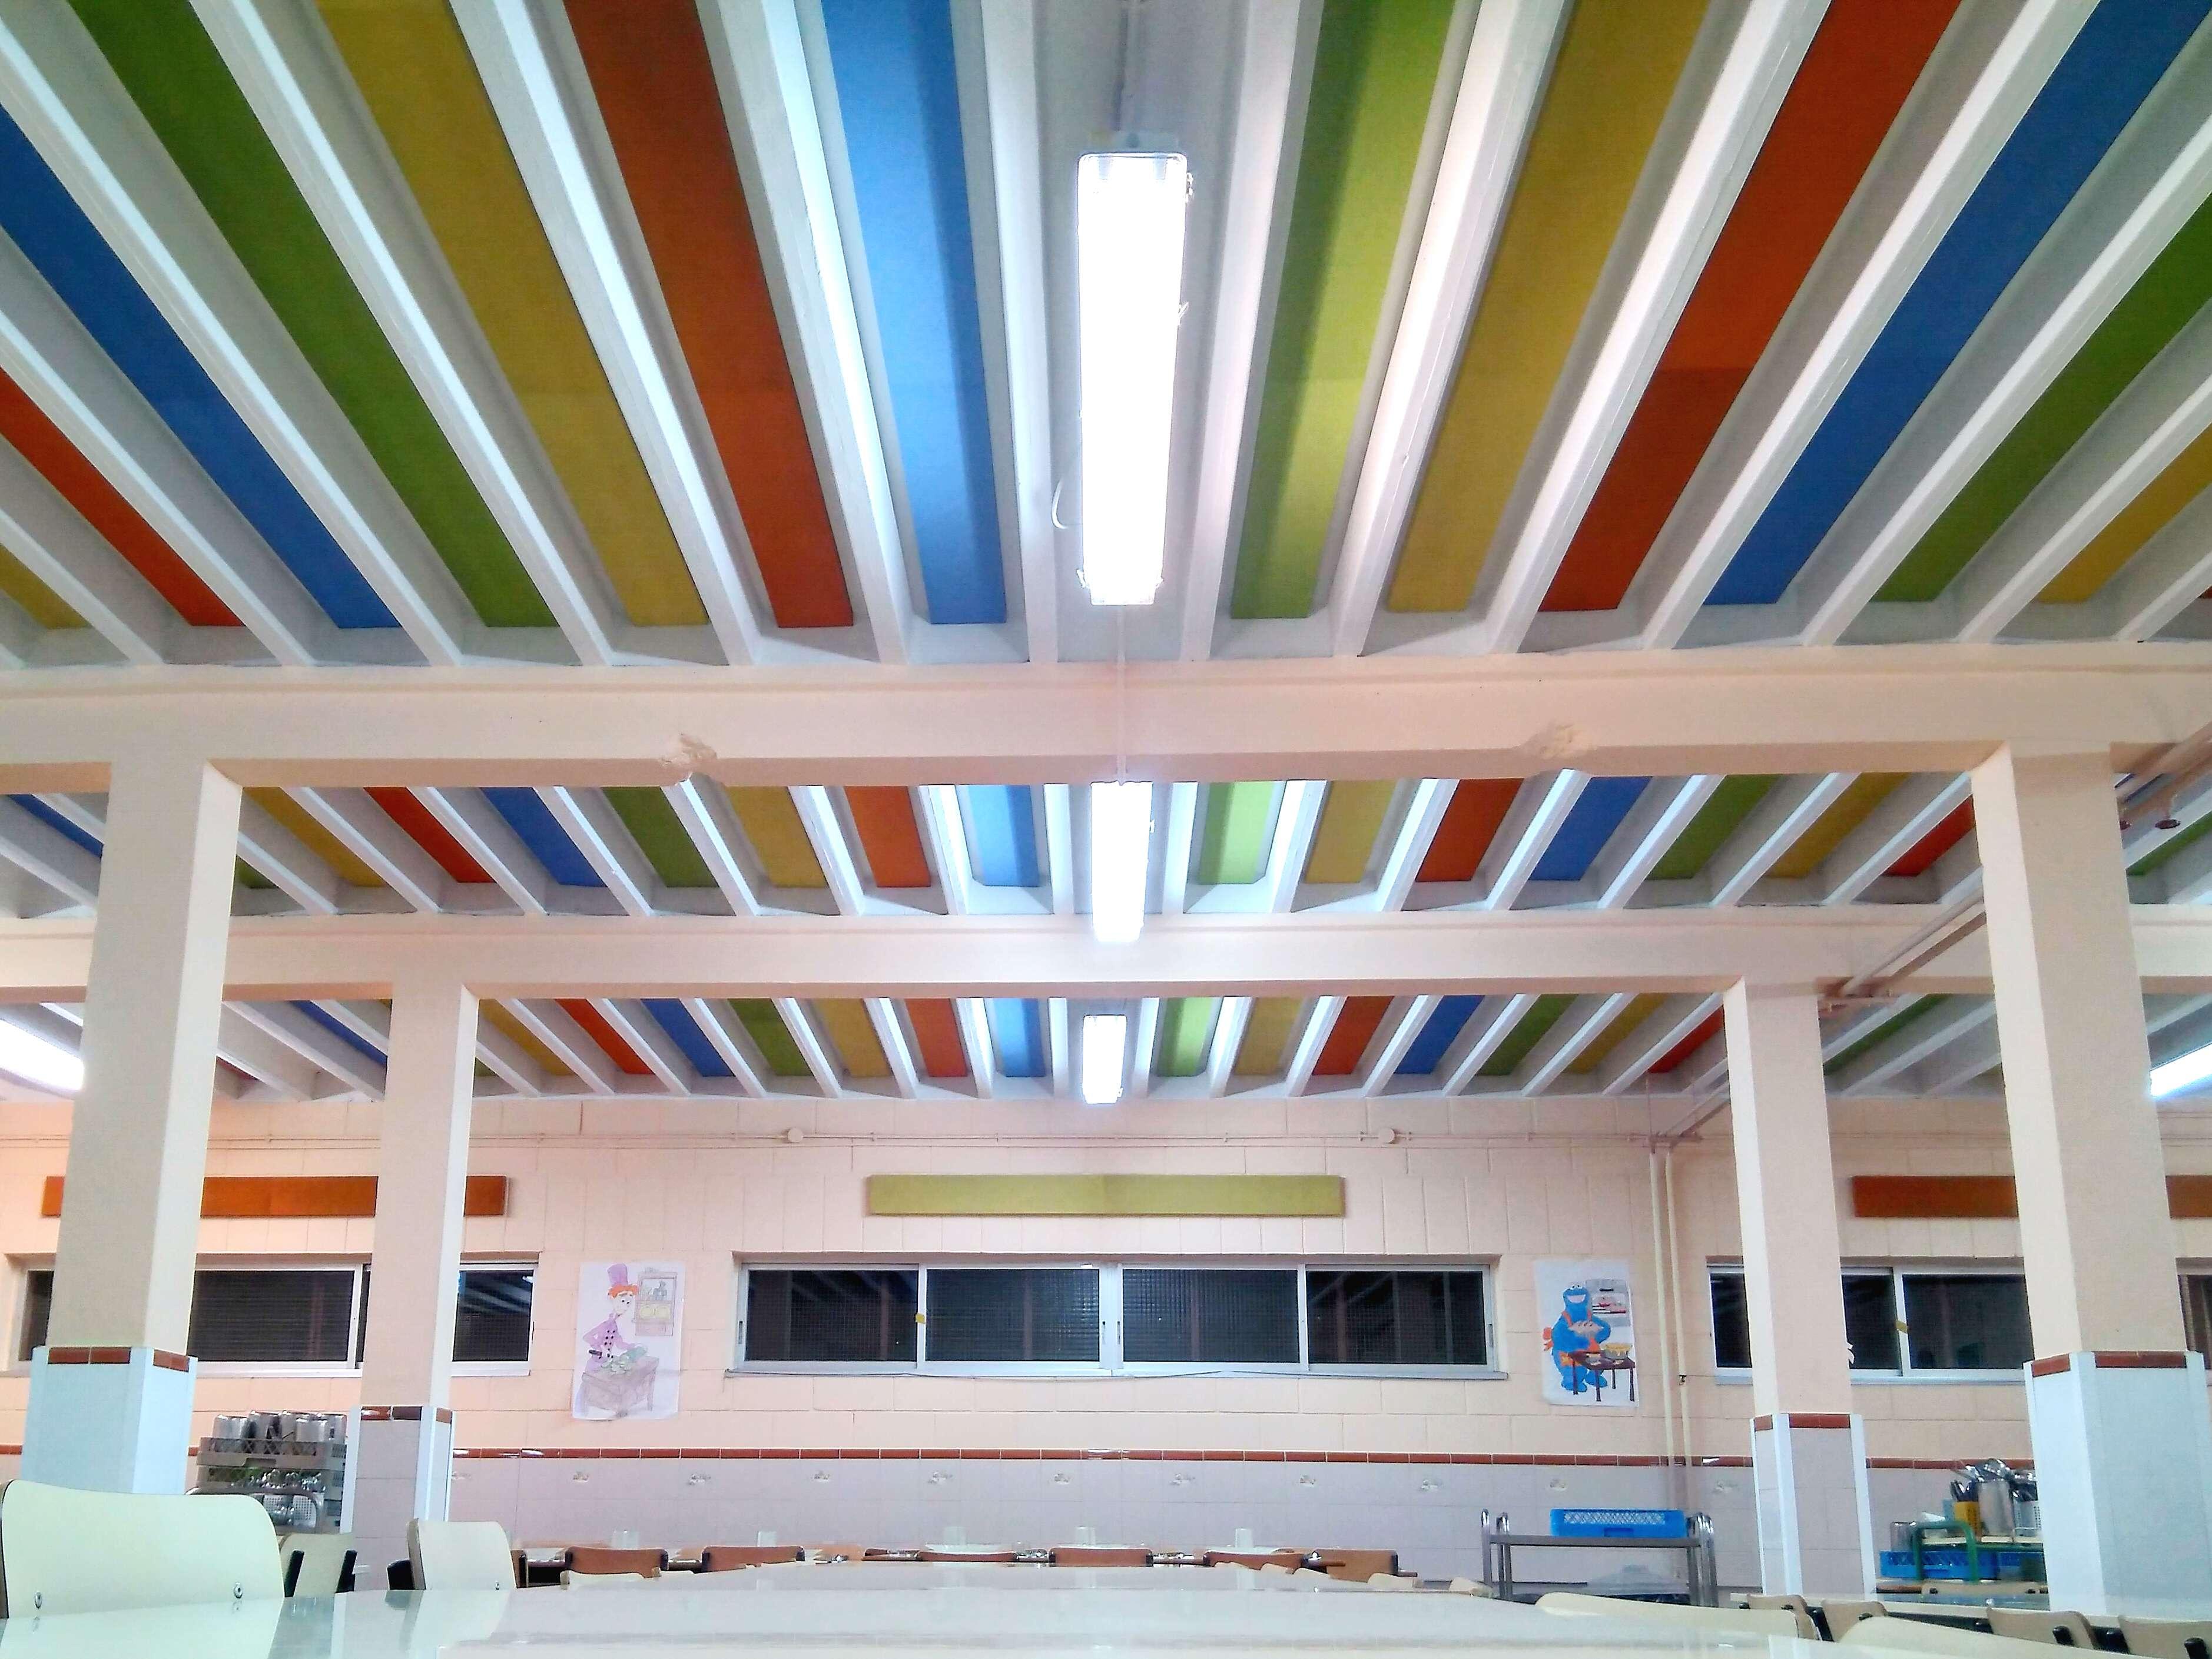 Colocación de paneles acústicos en un entrevigado. Paneles de colores fonoabsorbentes.